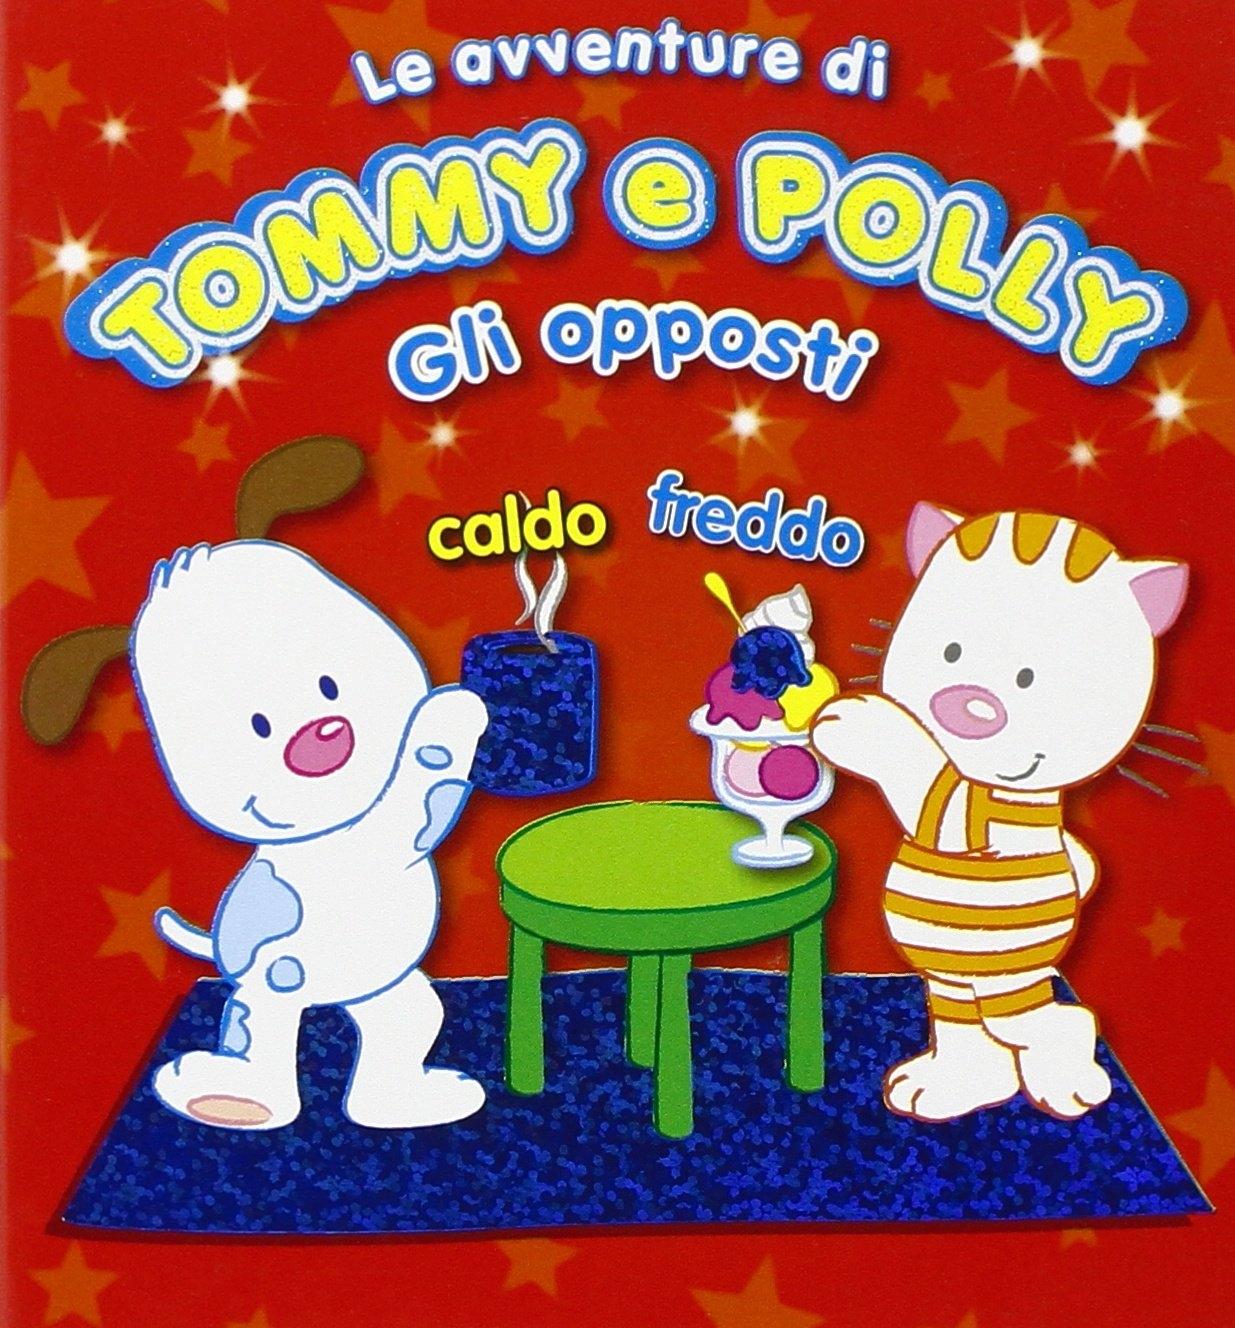 Gli opposti. Le avventure di Tommy e Polly